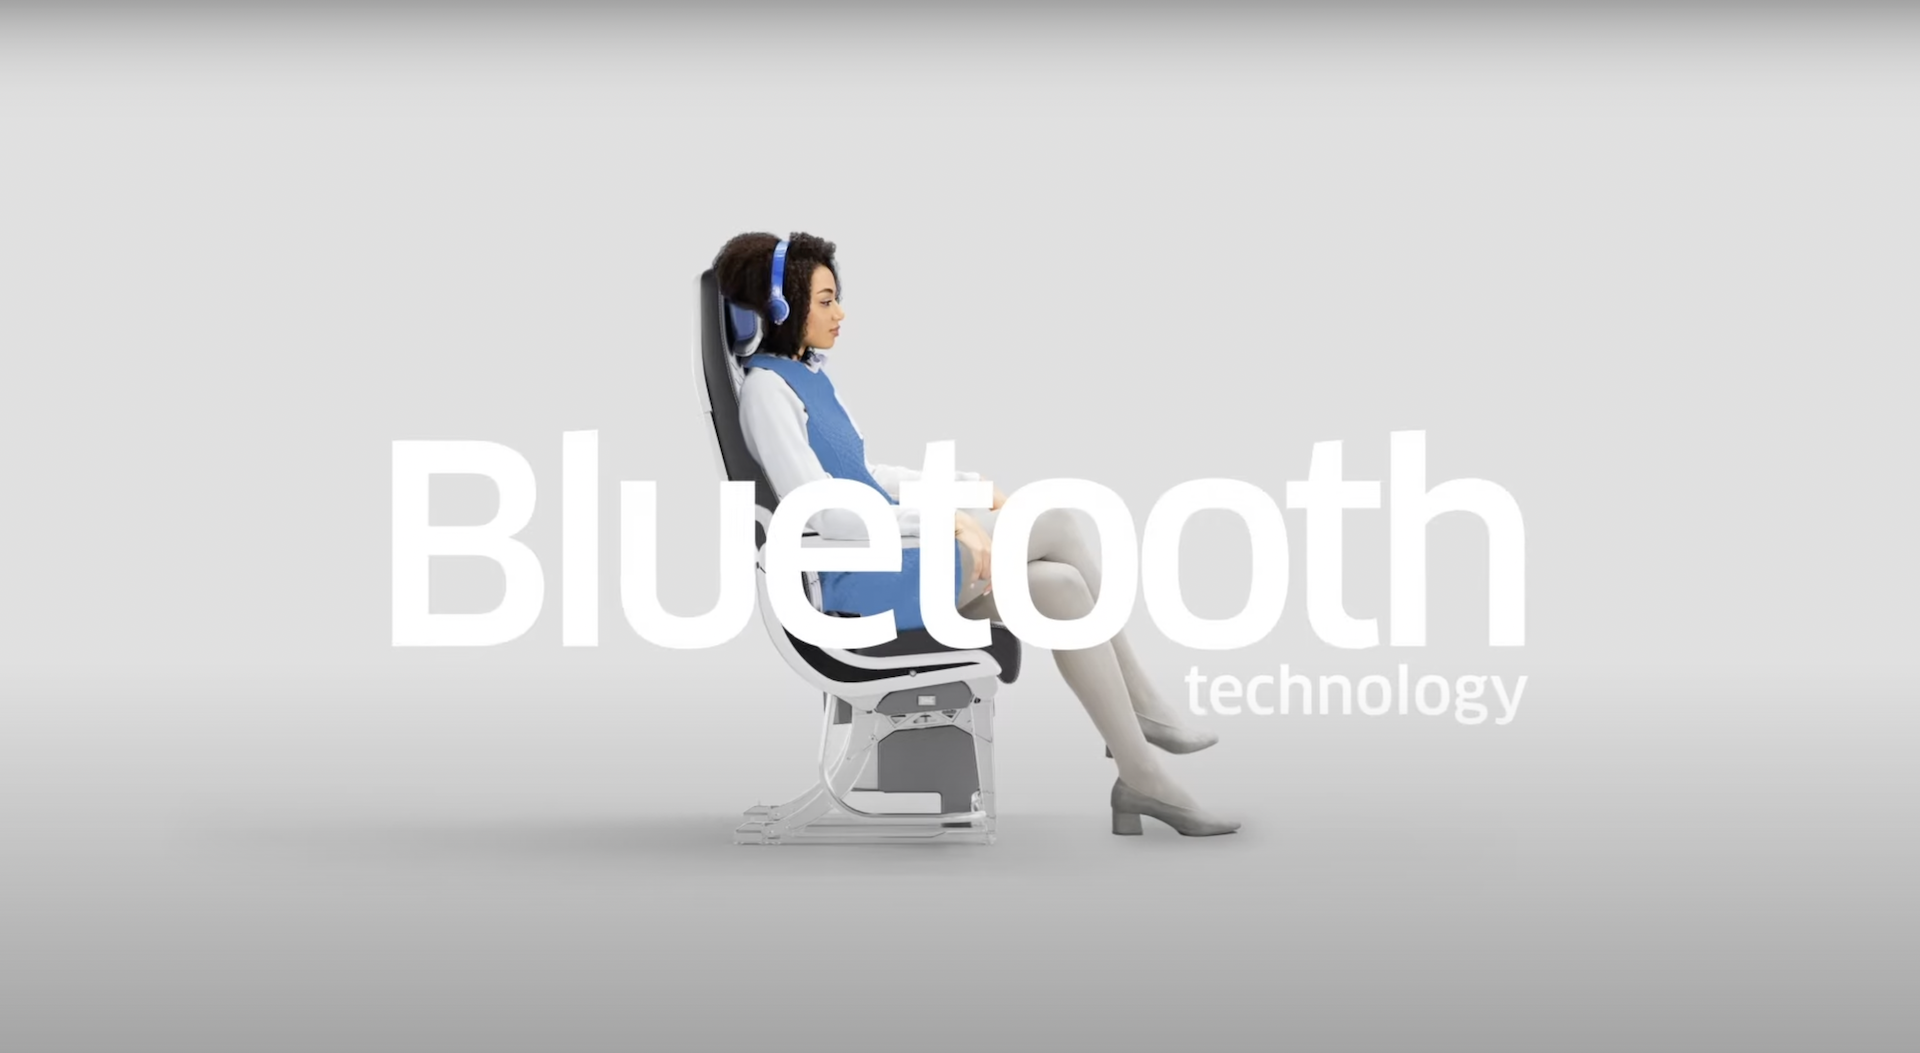 Los nuevos aviones de United: Wi-Fi, Bluetooth y más espacio. Video